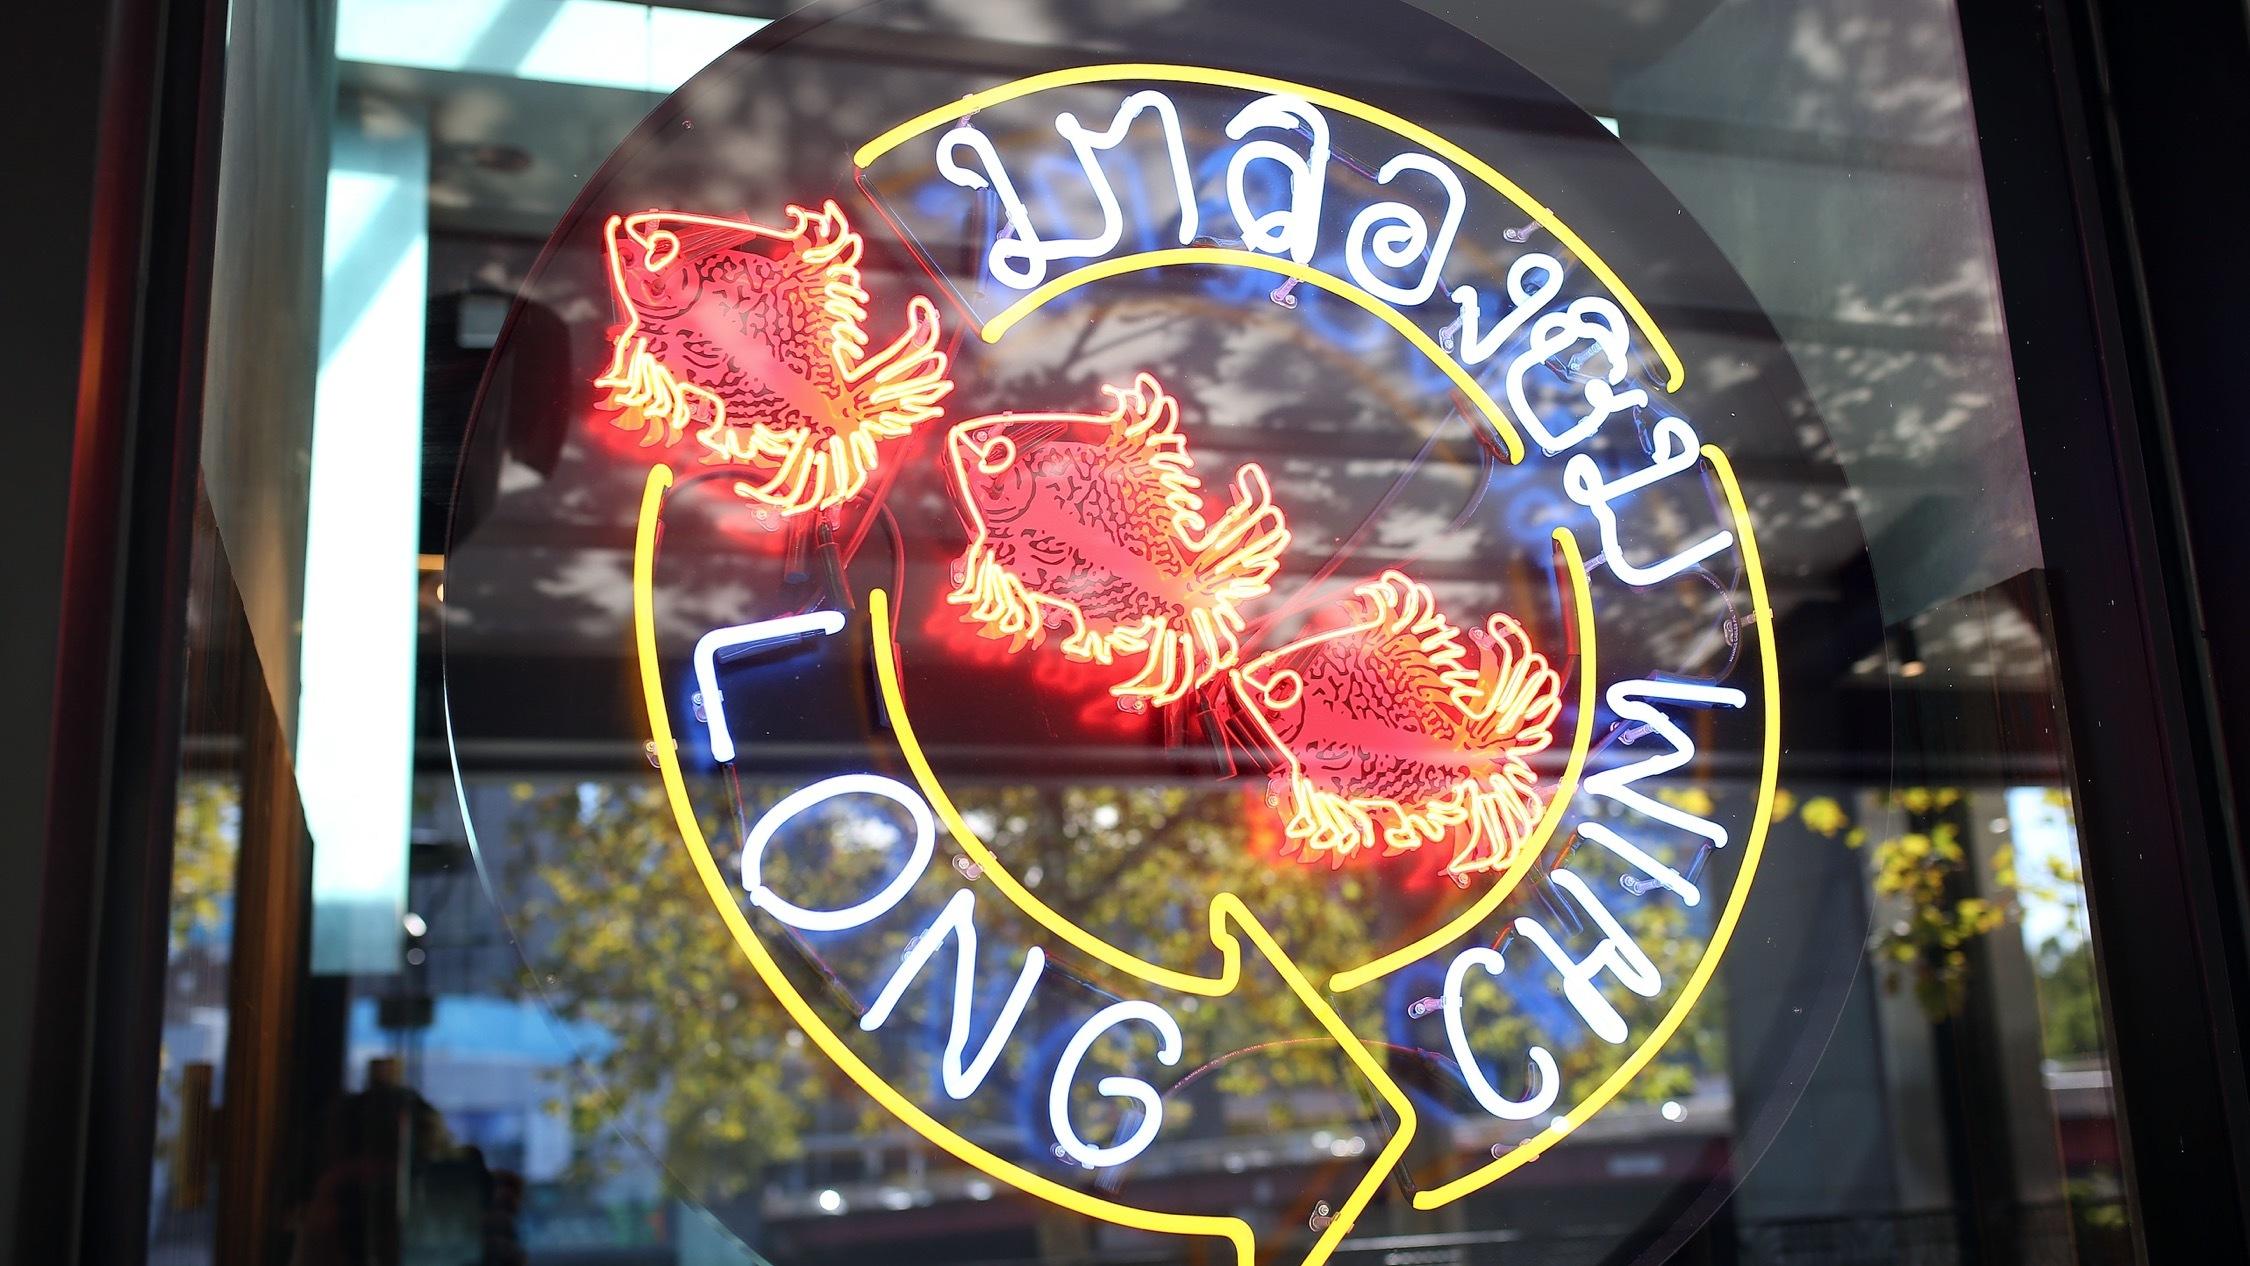 Neon sign at Long Chim